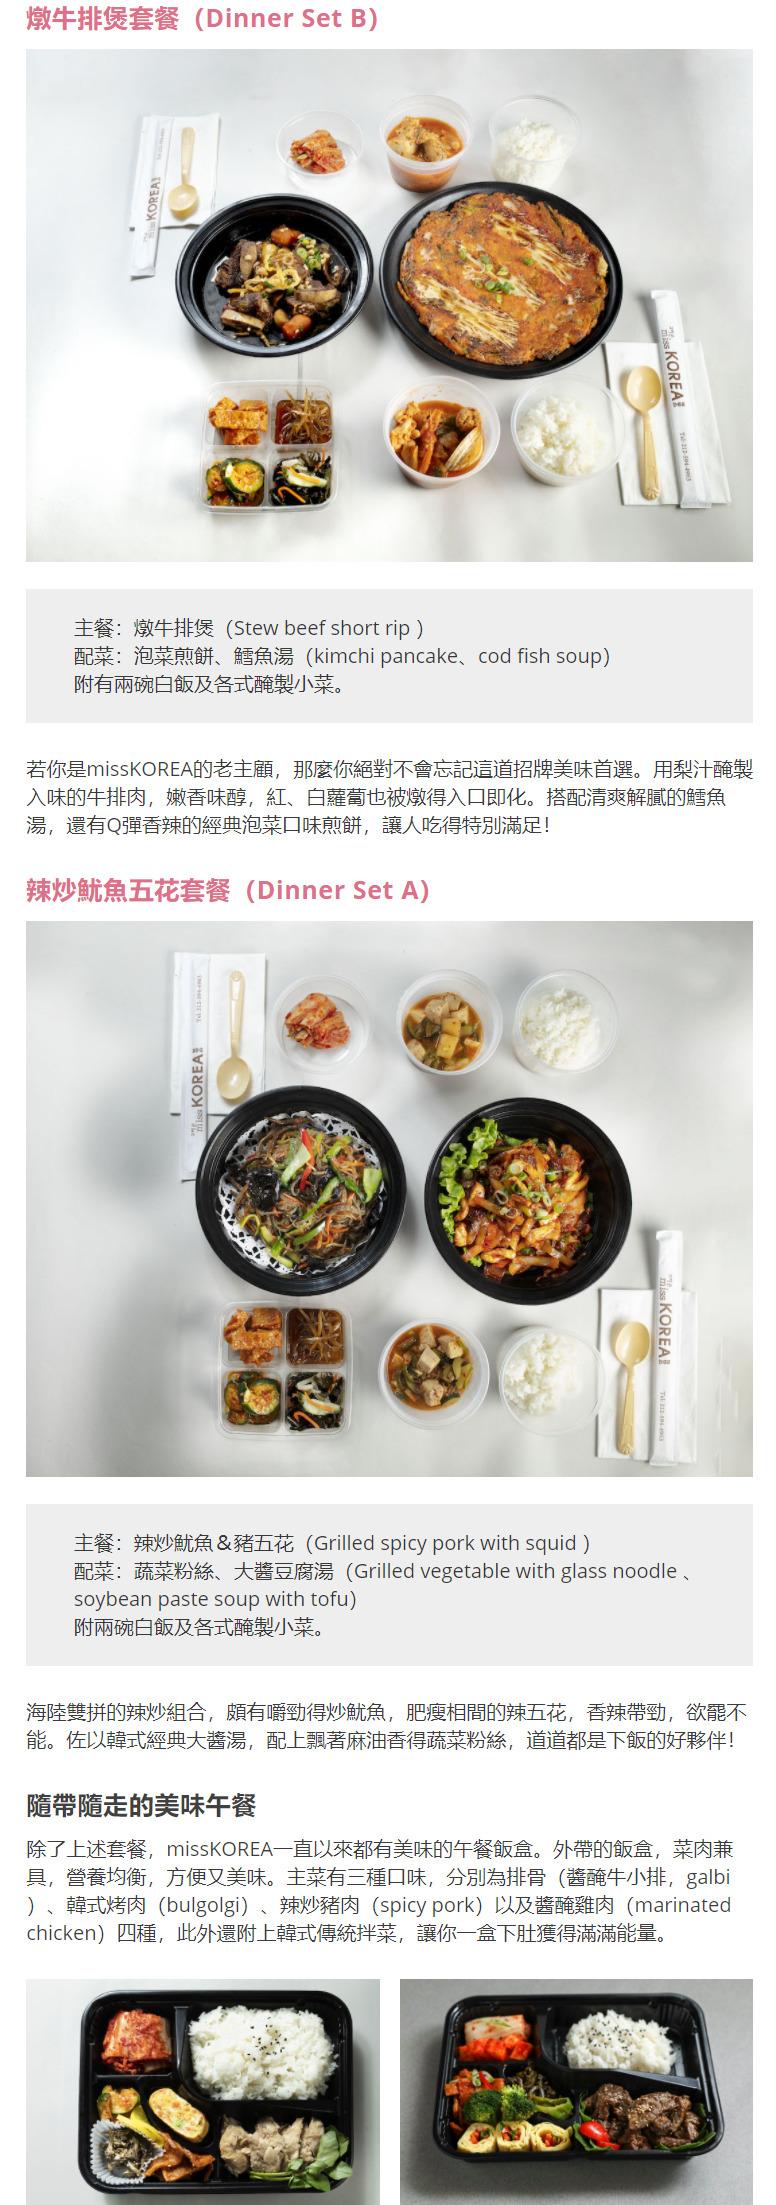 精選人氣美饌 超值外帶套餐 missKOREA 最懂你的韓餐廳